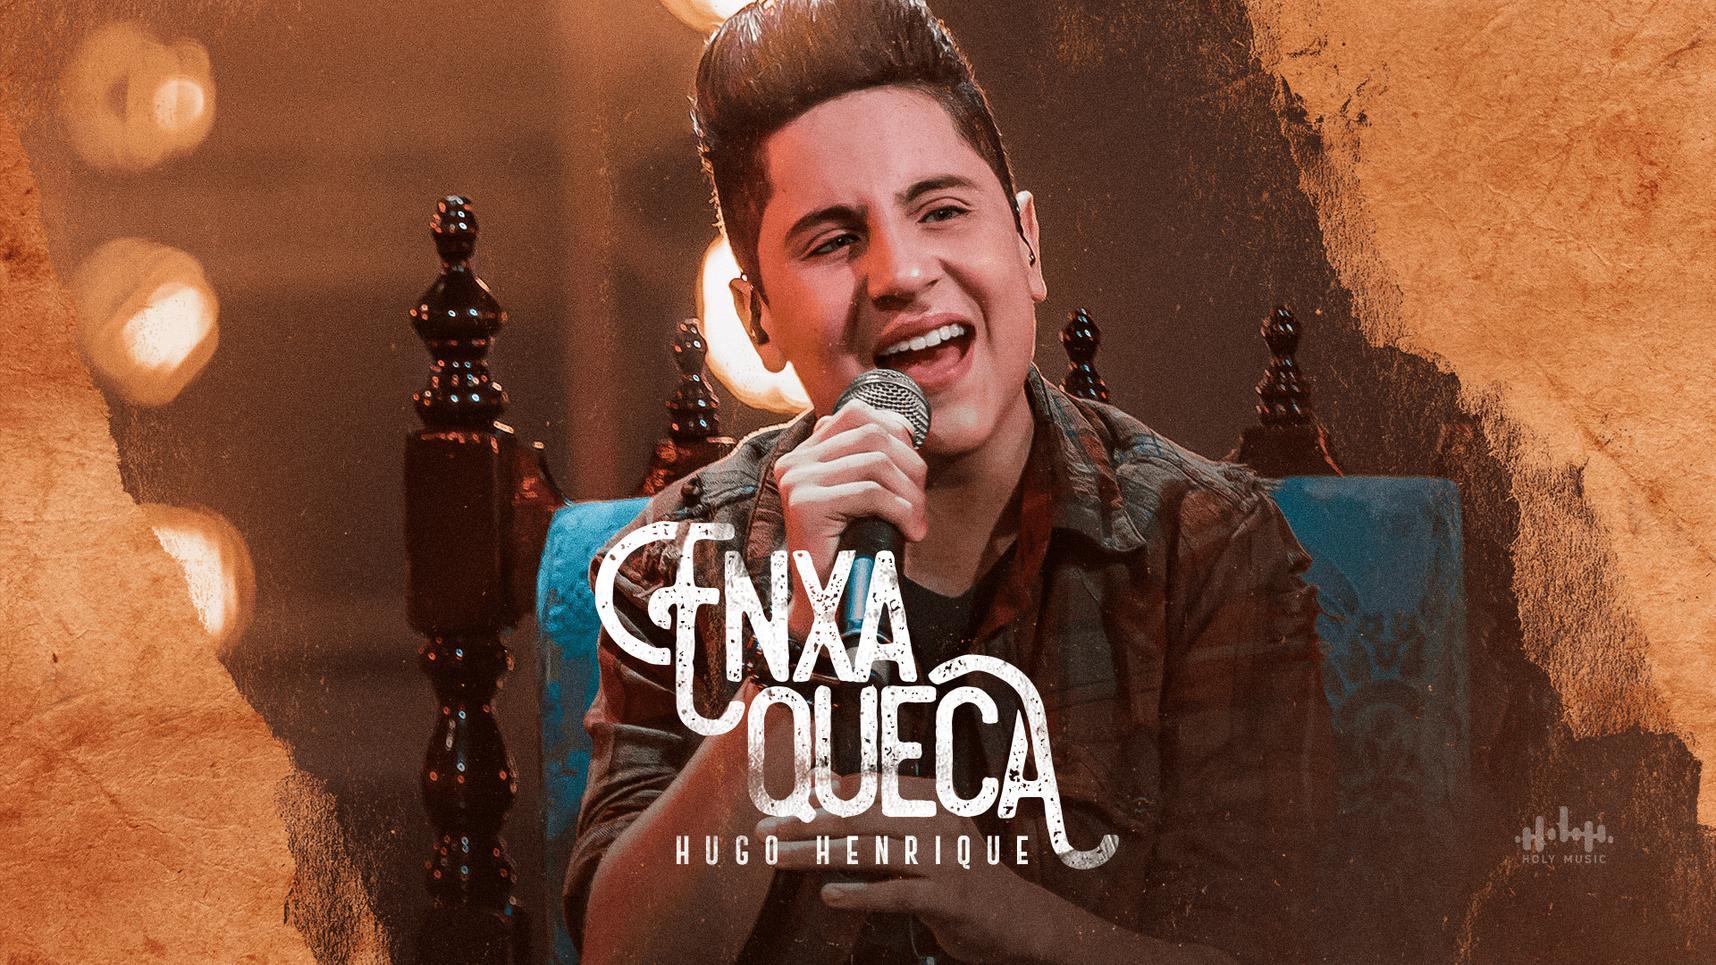 """Hugo Henrique lança single """"Enxaqueca"""", nas rádios do Brasil"""